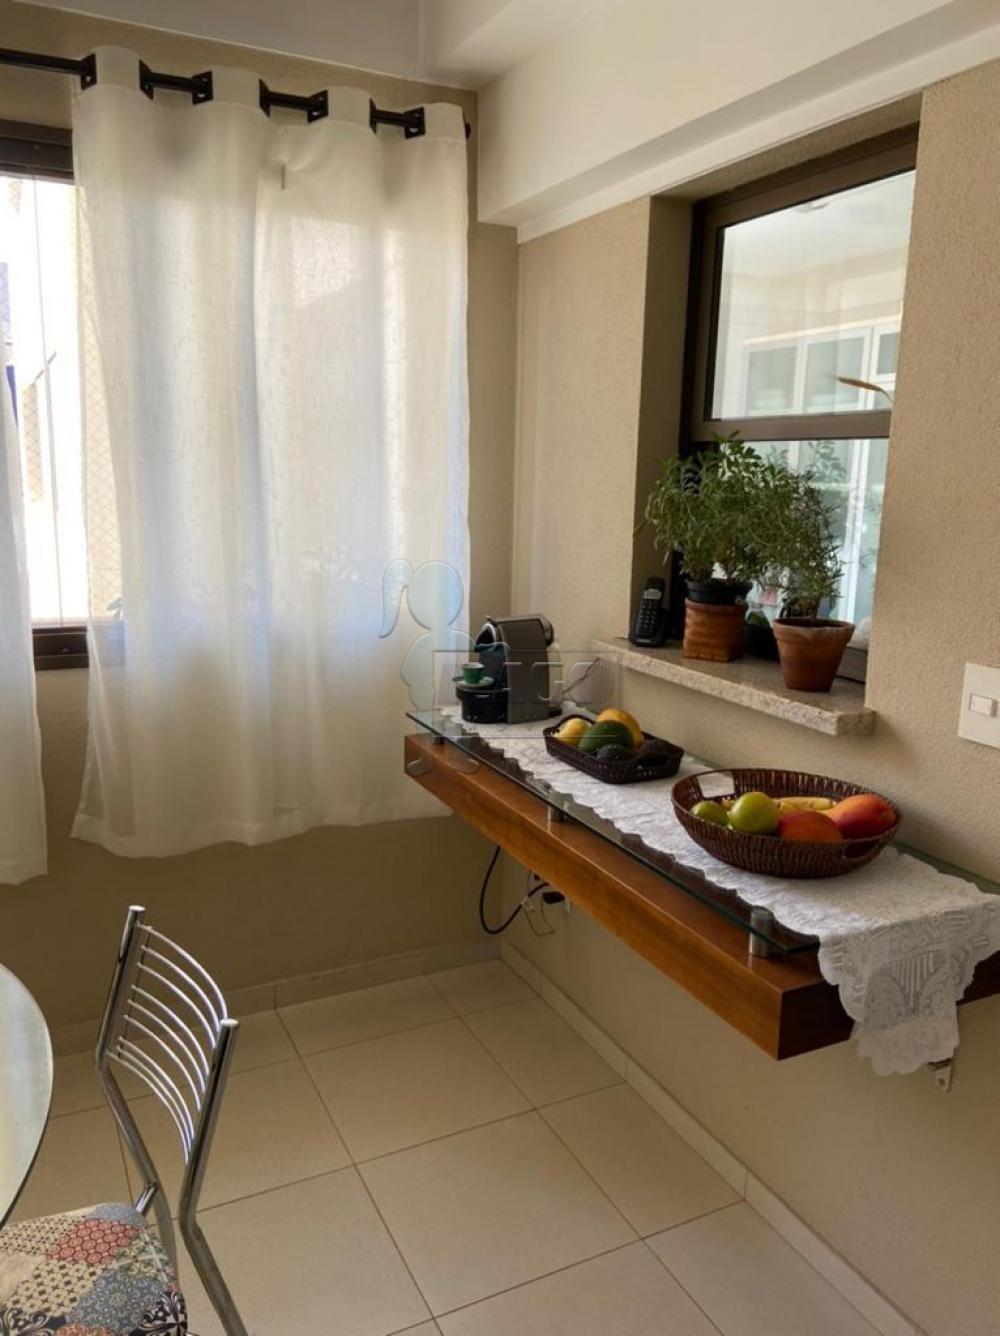 Comprar Apartamento / Padrão em Ribeirão Preto R$ 1.300.000,00 - Foto 4